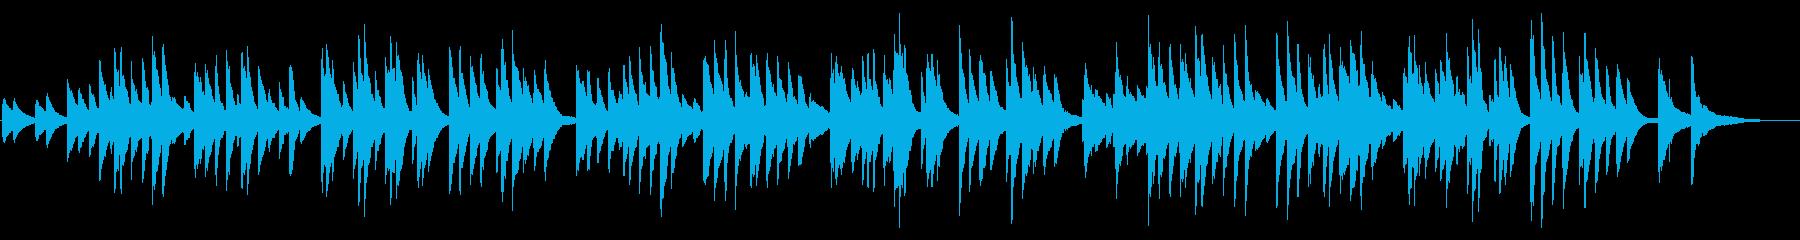 唱歌「故郷」ピアノソロの再生済みの波形